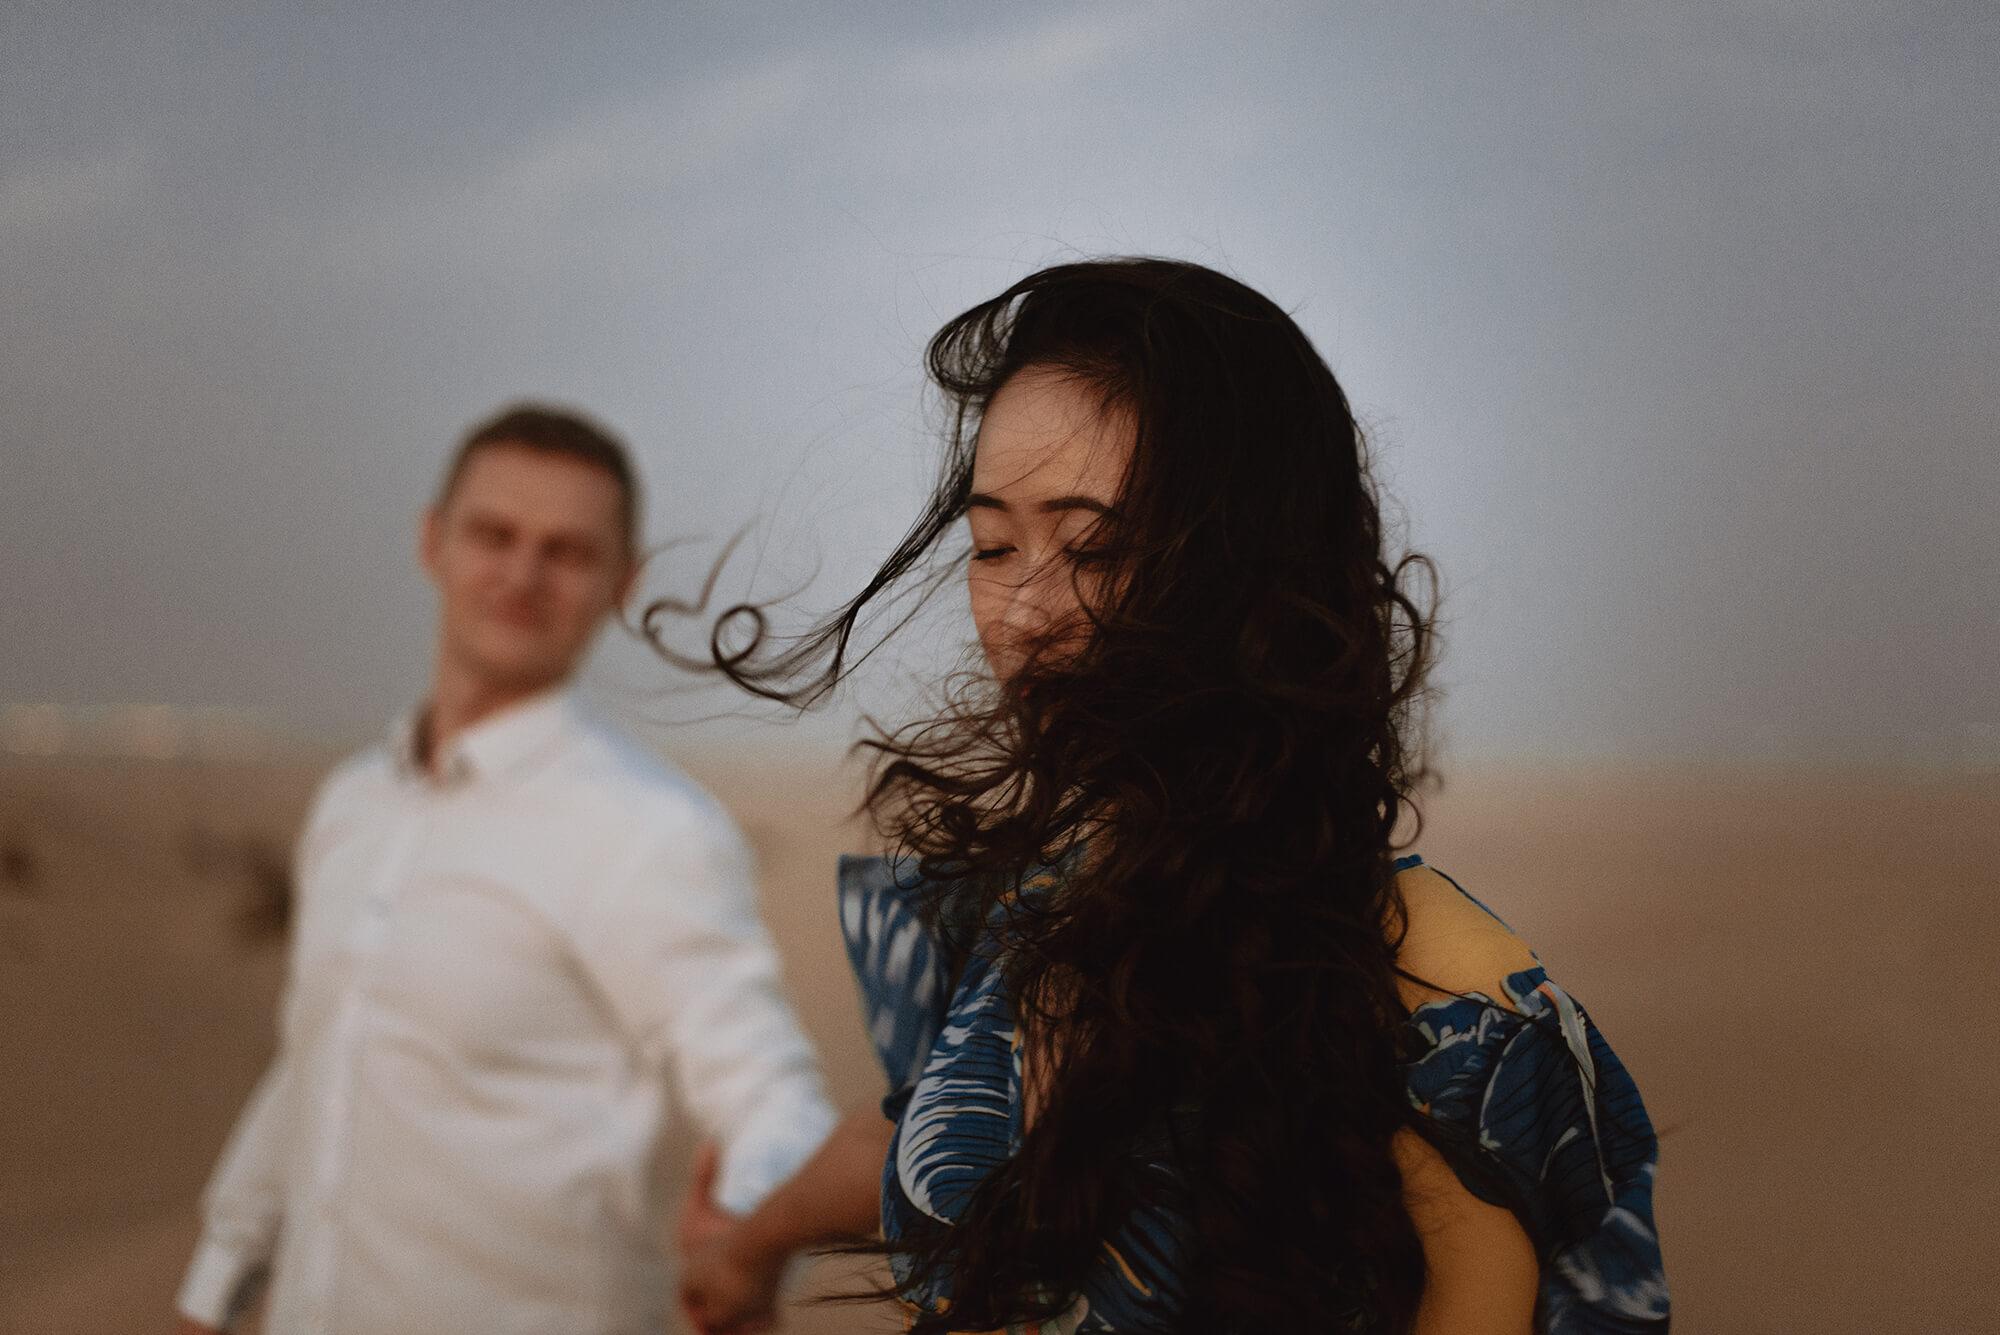 Sesja narzeczenska w dubaju32 - Citra + Kuba | miłość w Dubaju + 6 powodów dlaczego sesja narzeczeńska jest tak ważna